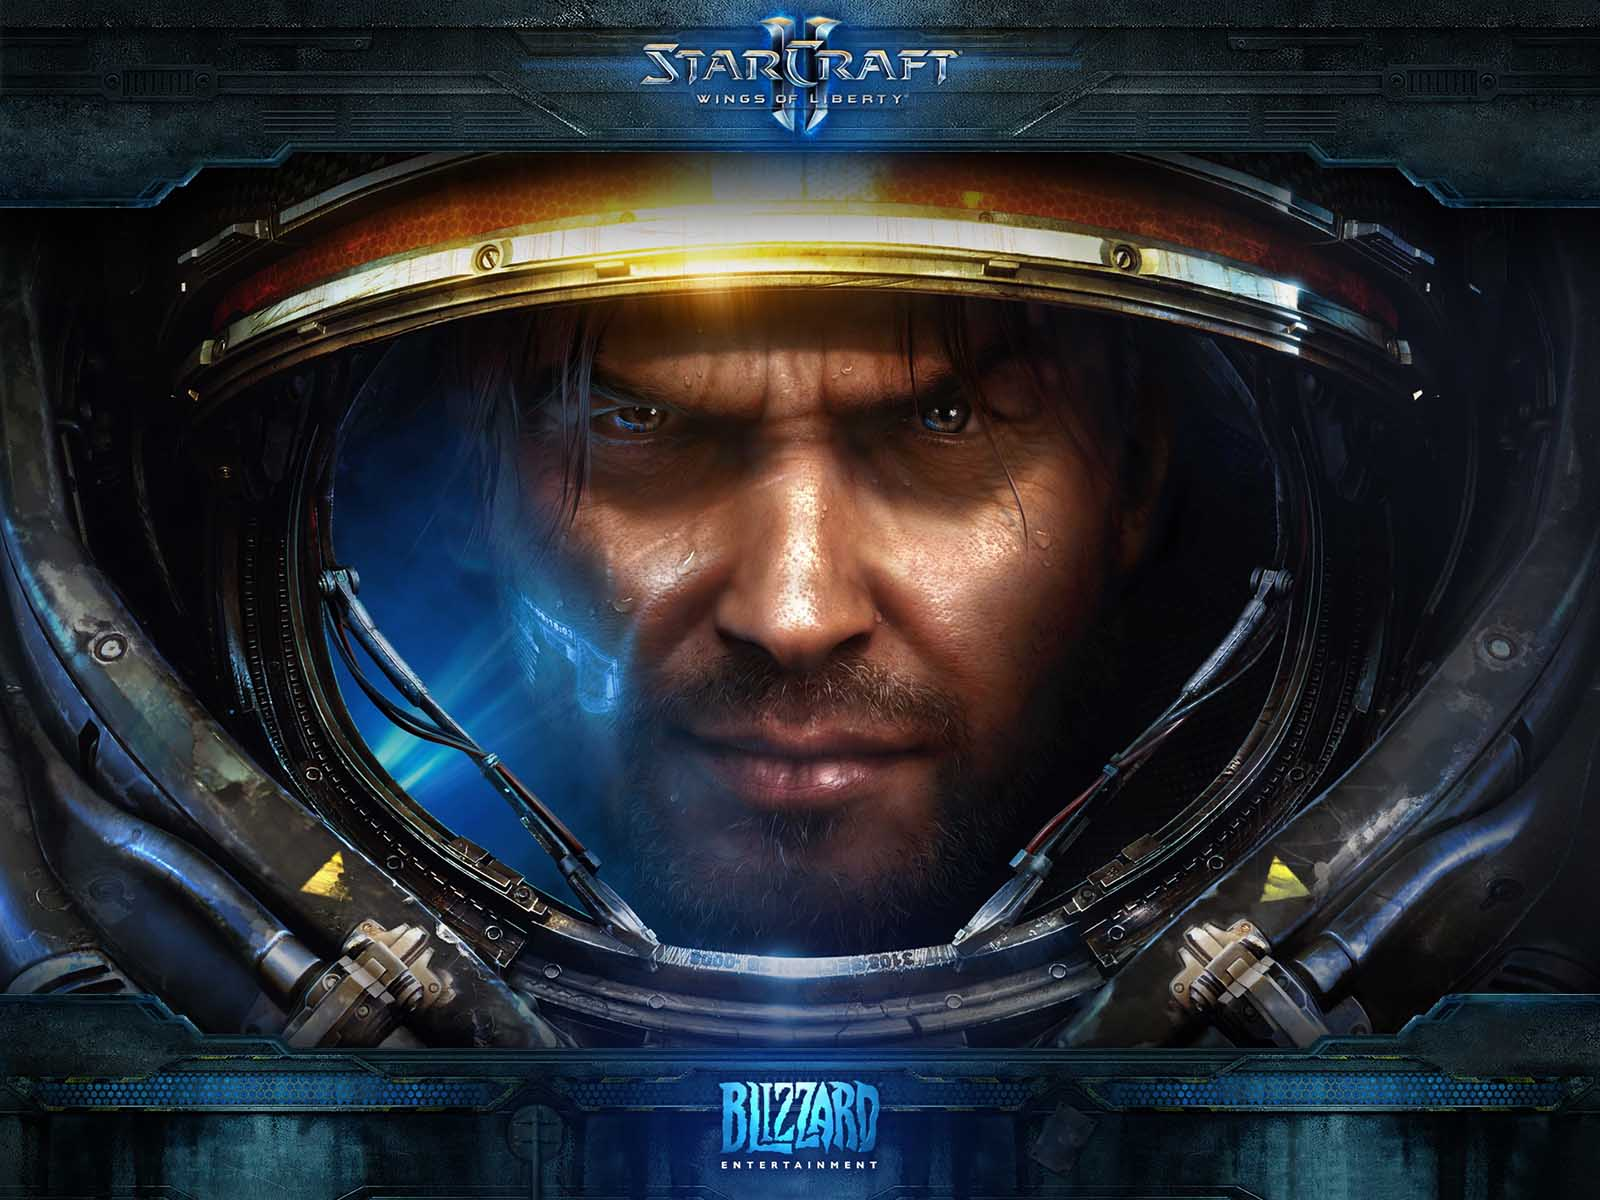 دانلود ترینر جدید بازی StarCraft 2 ورژن 3.1.1